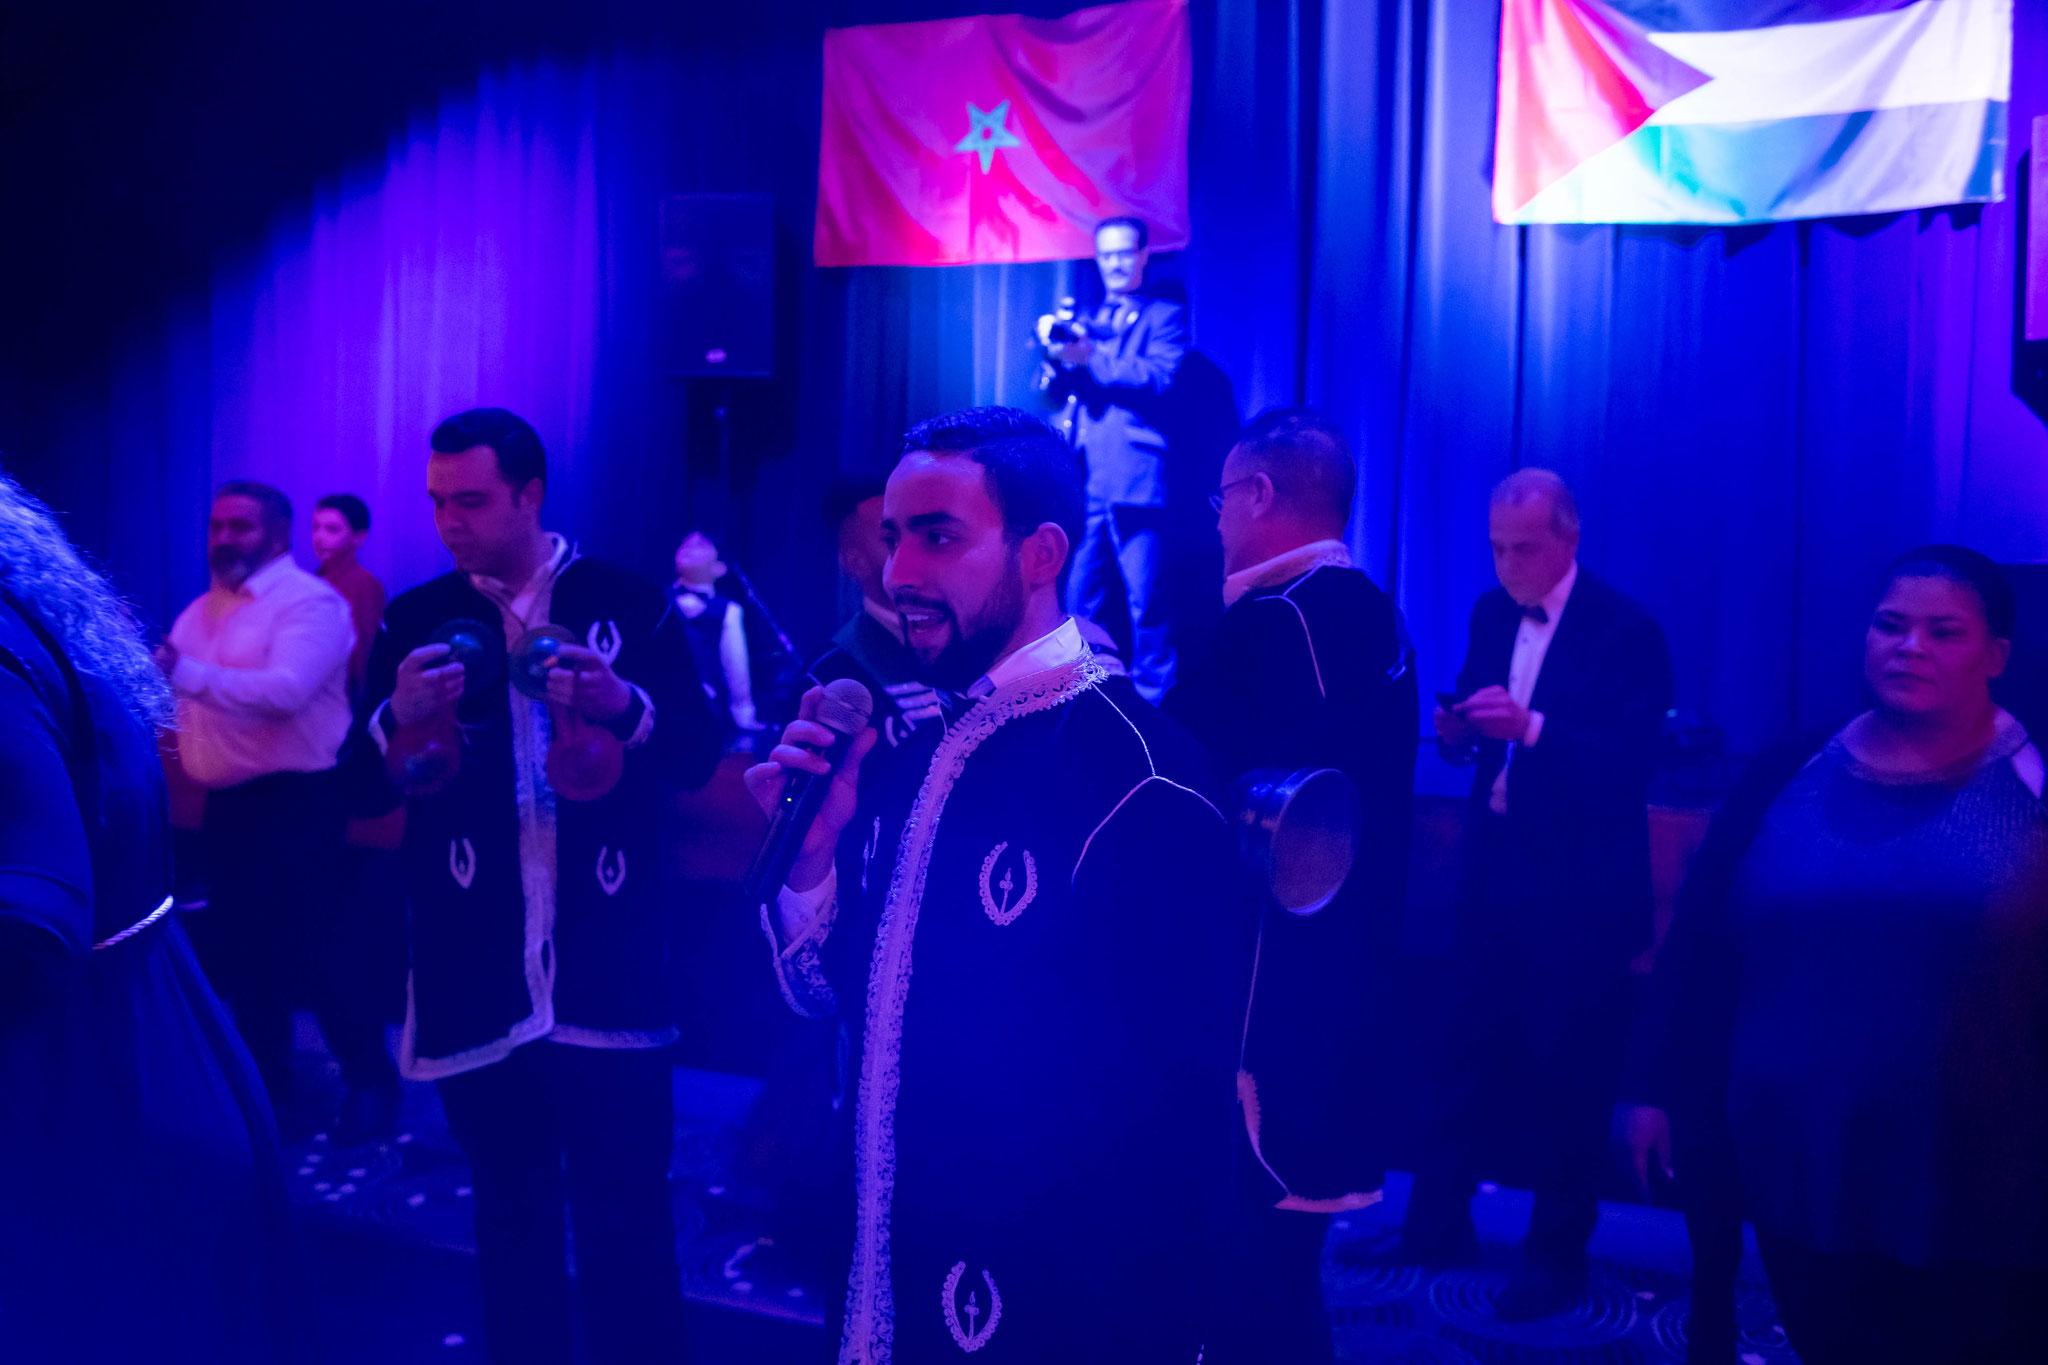 Fotograf in Darmstadt gesucht für marokkanische Hochzeit